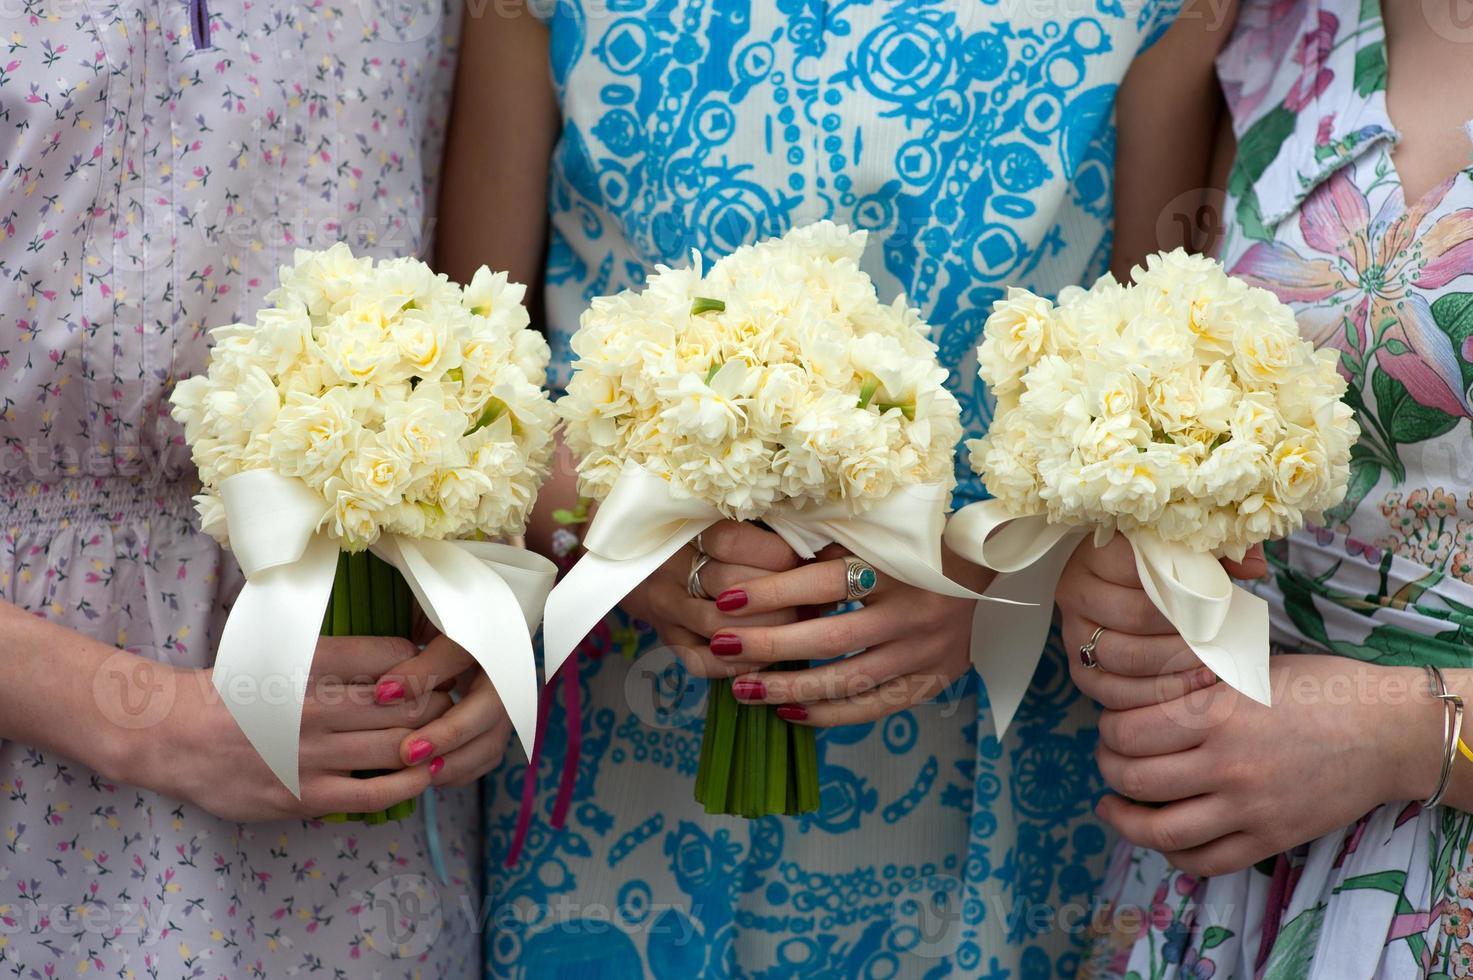 drei Narzissen Hochzeitssträuße von Brautjungfern gehalten foto